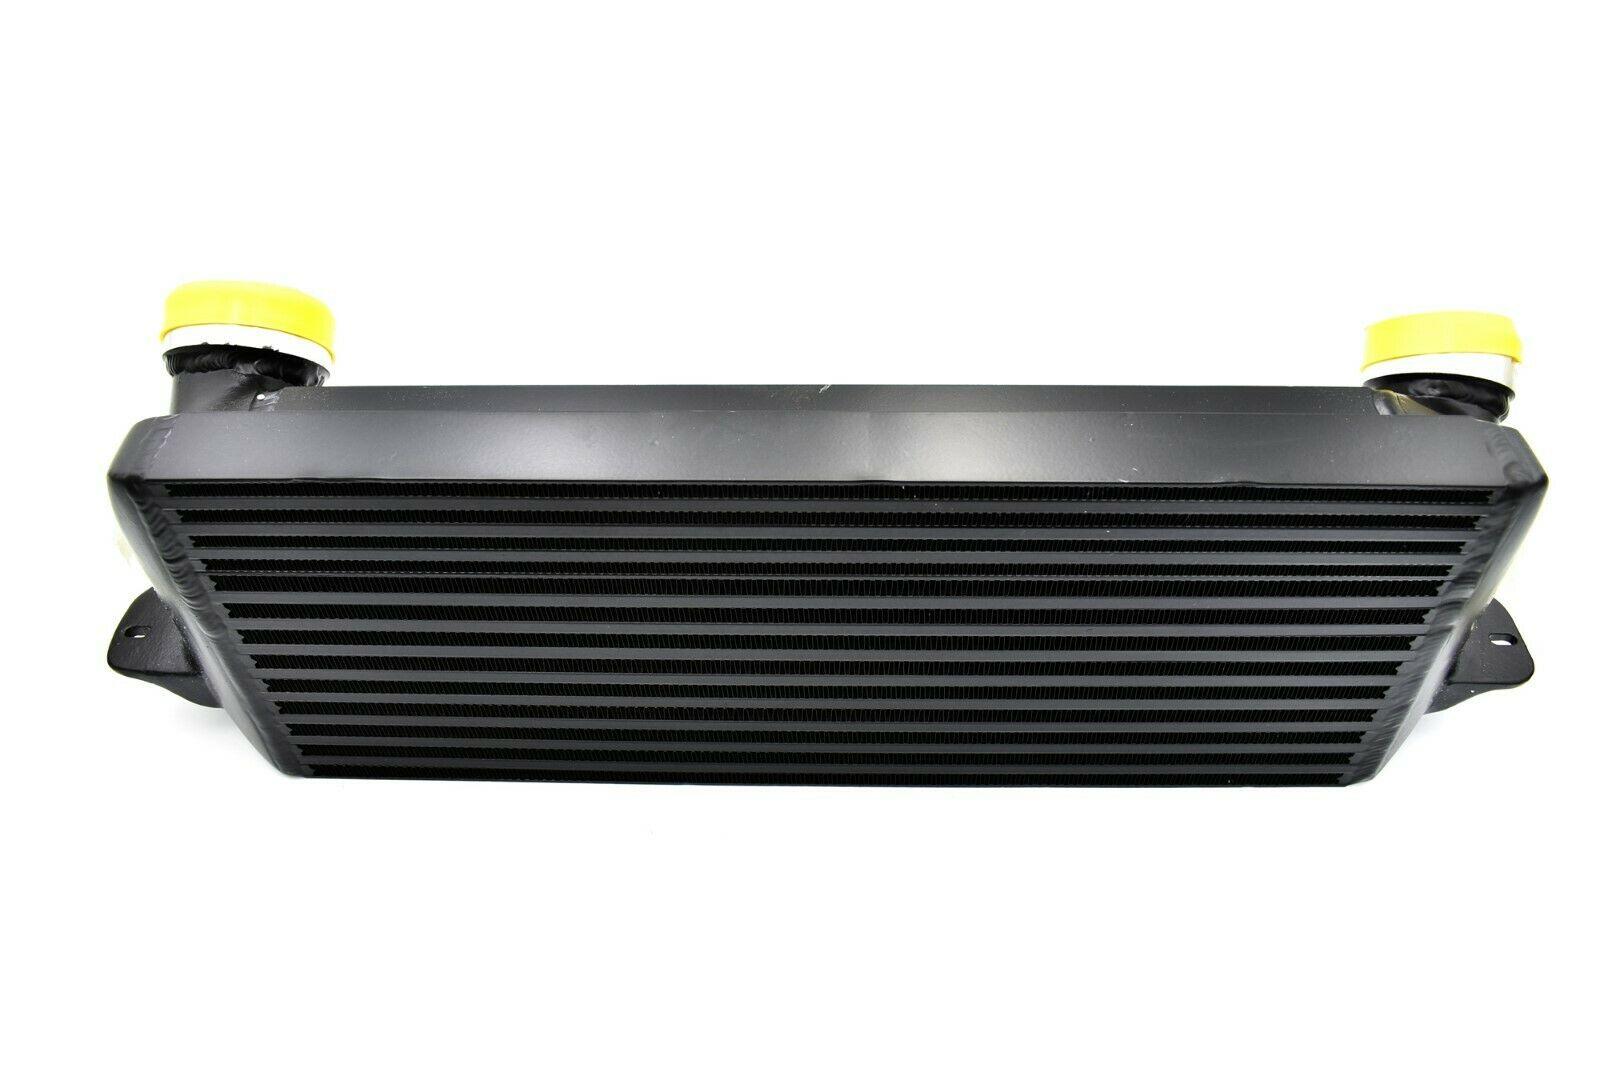 Details about BMW 120d 123d 320d E90 E87 E81 Performance Front Mount  Intercooler Engine N47